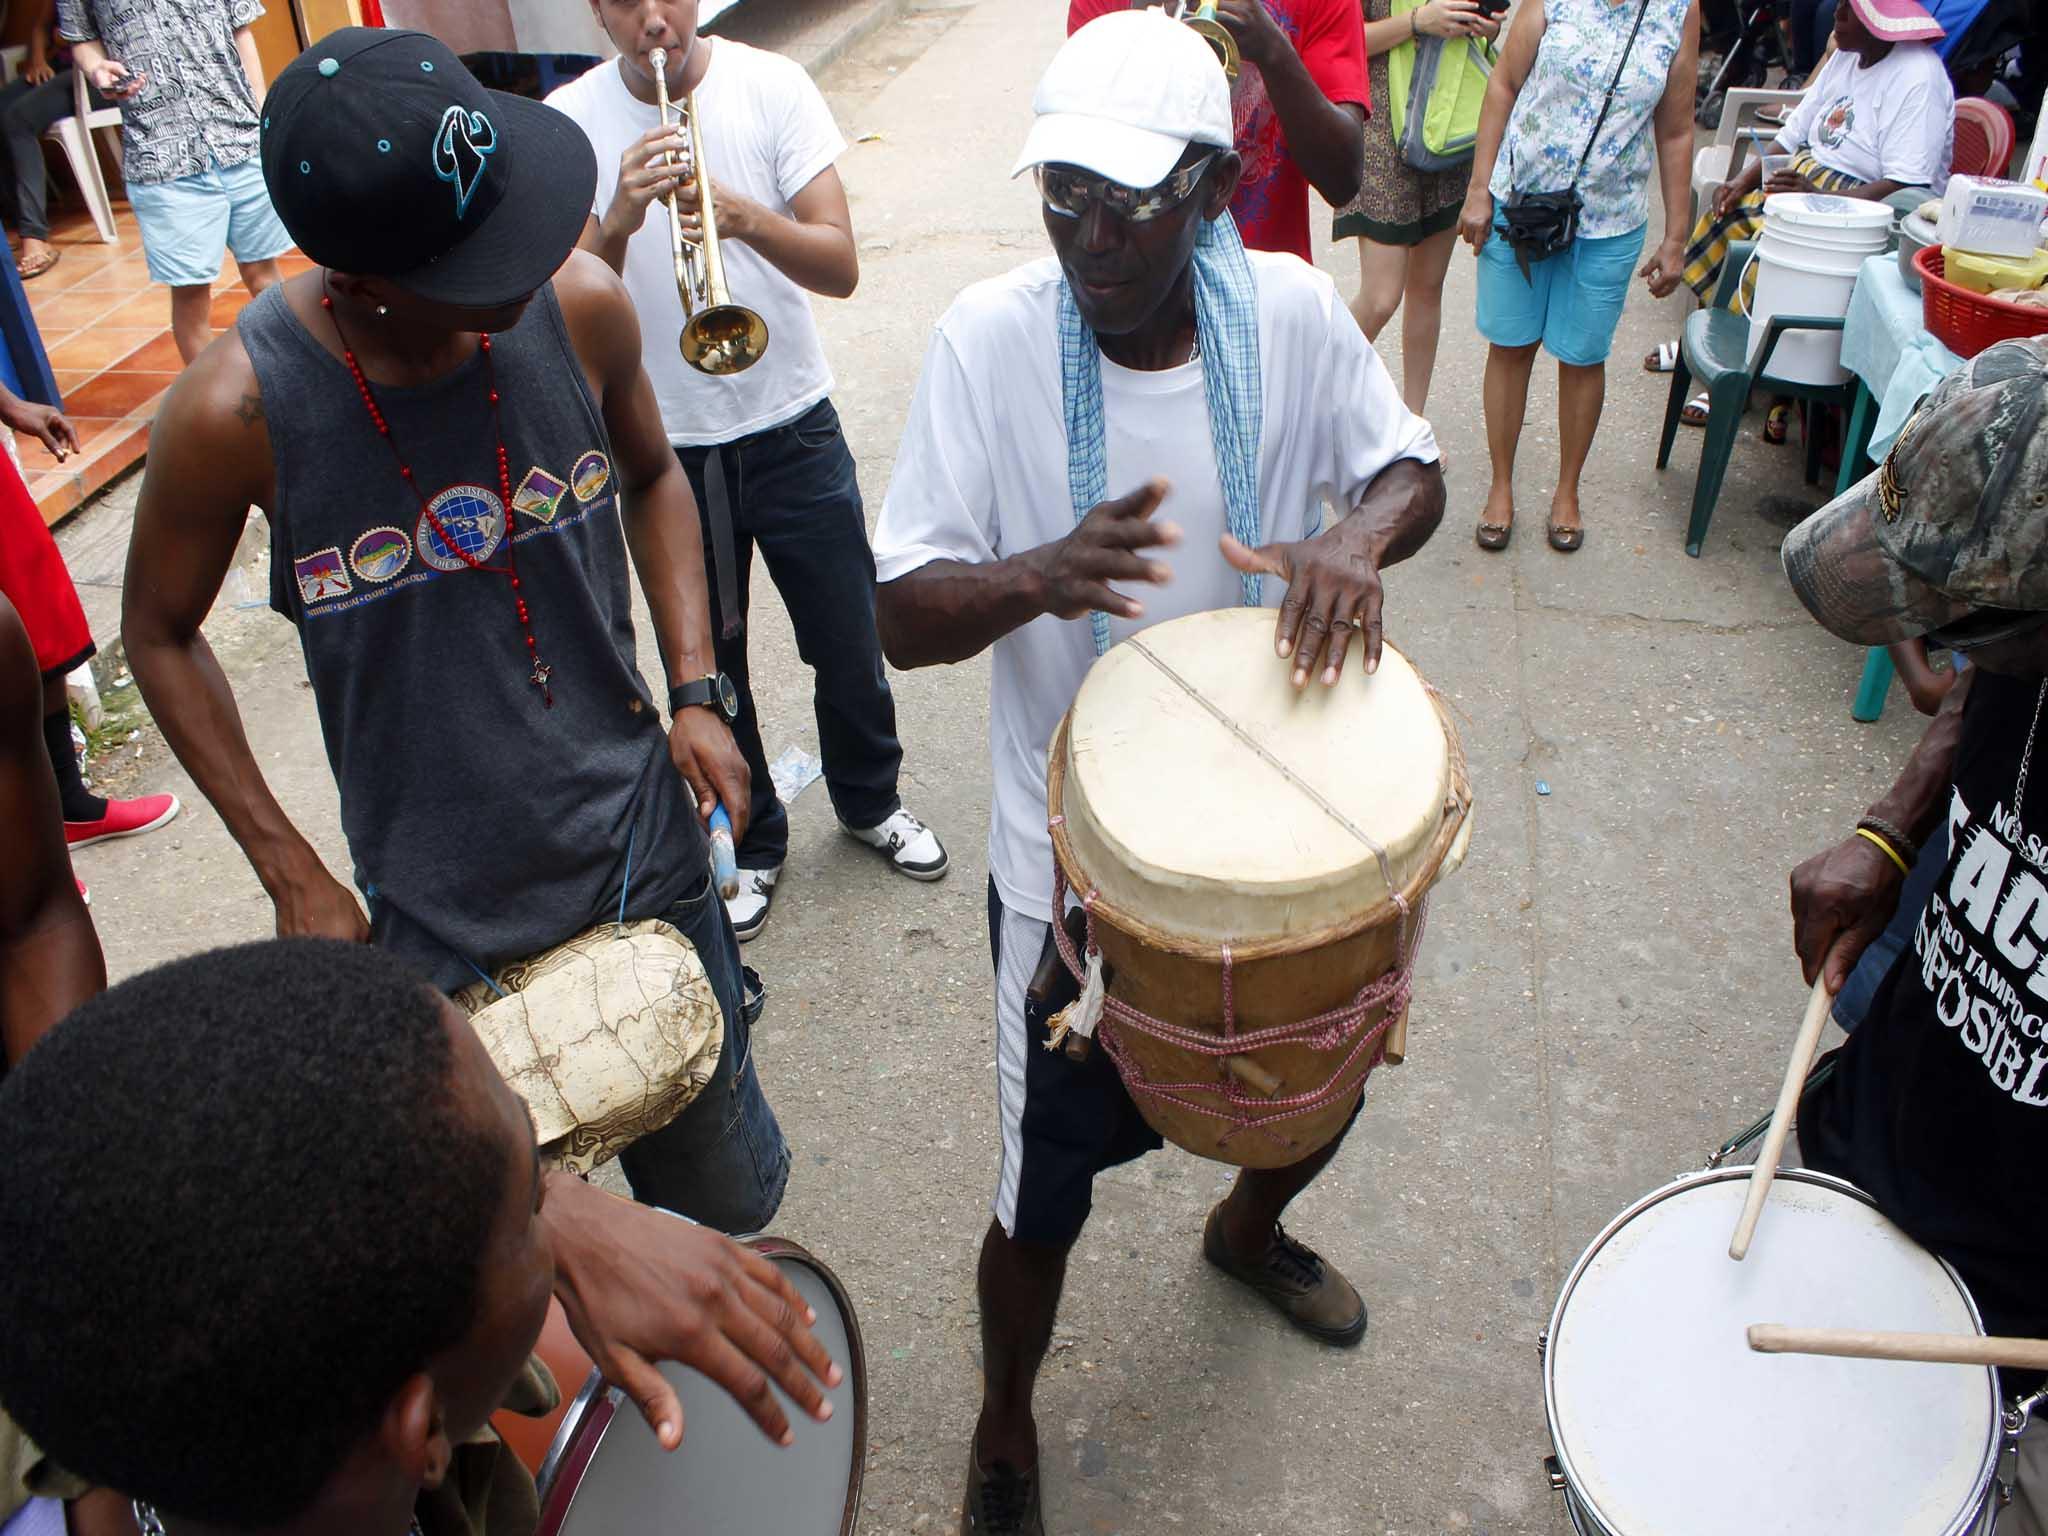 La música caribeña acompaña todos los bailes y celebraciones relacionadas con el Pororó. Foto: Jorge Rodríguez/Viatori